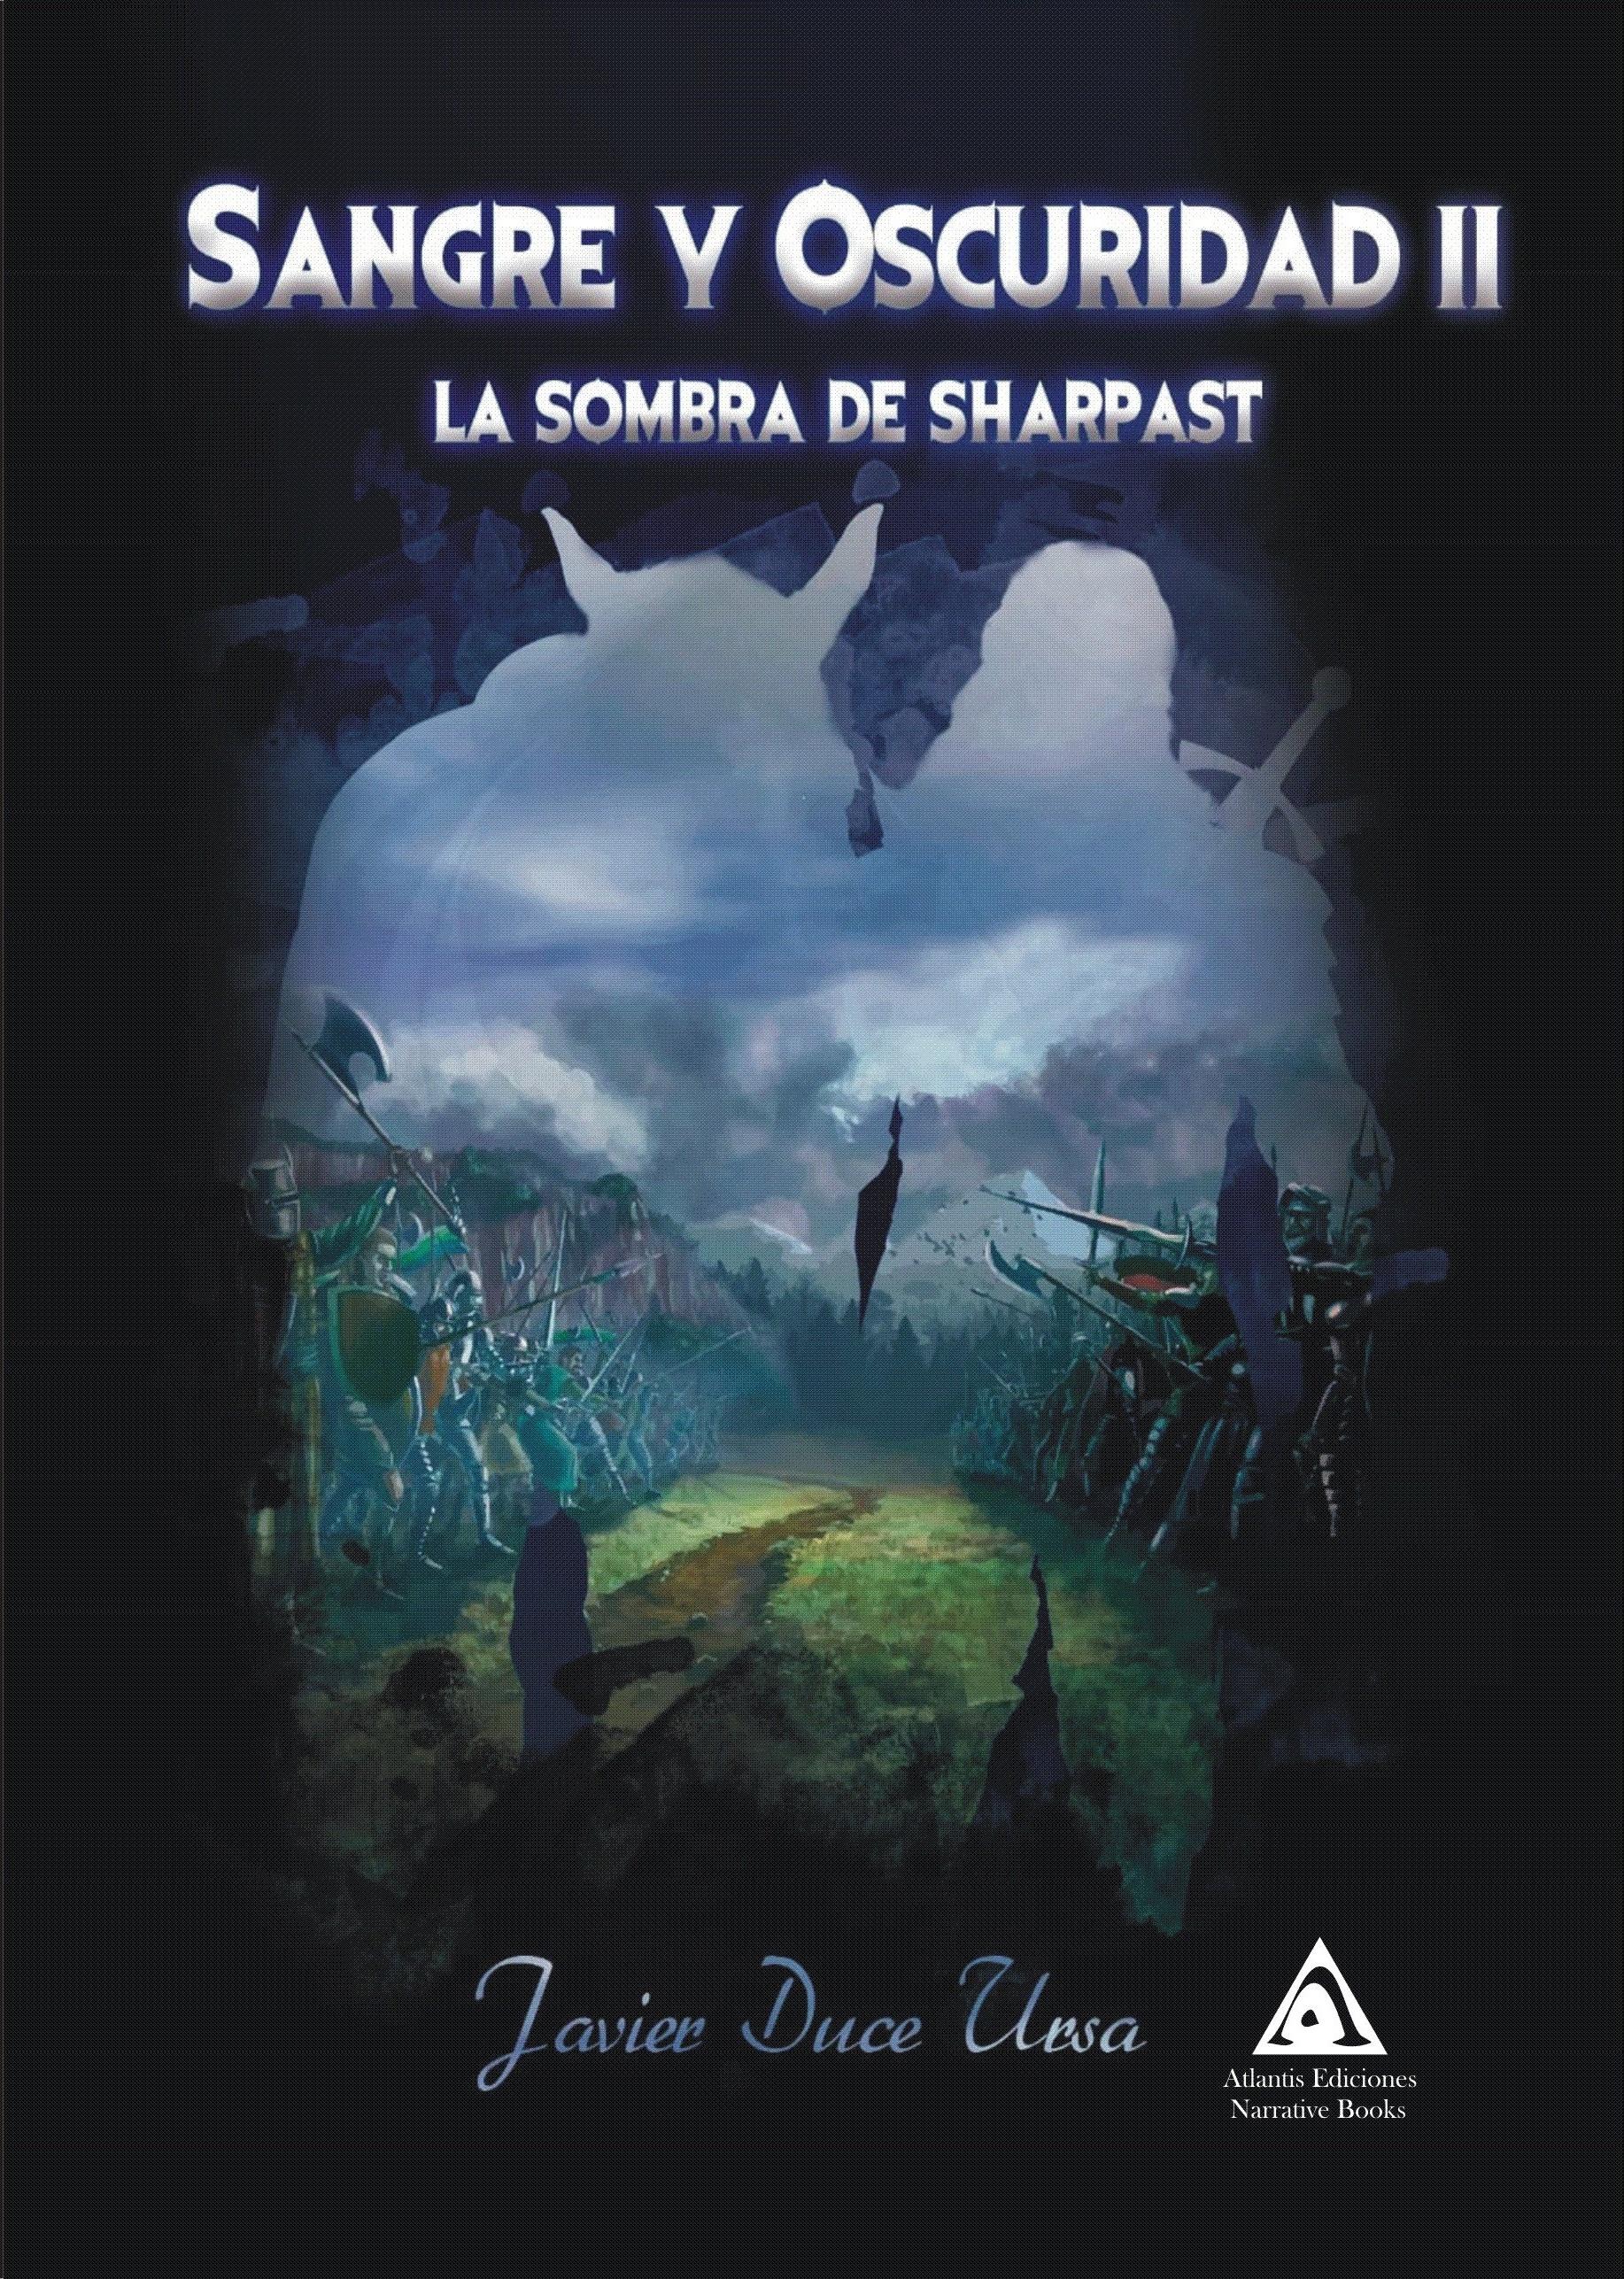 Sangre y Oscuridad - La Sombra de Sharpast